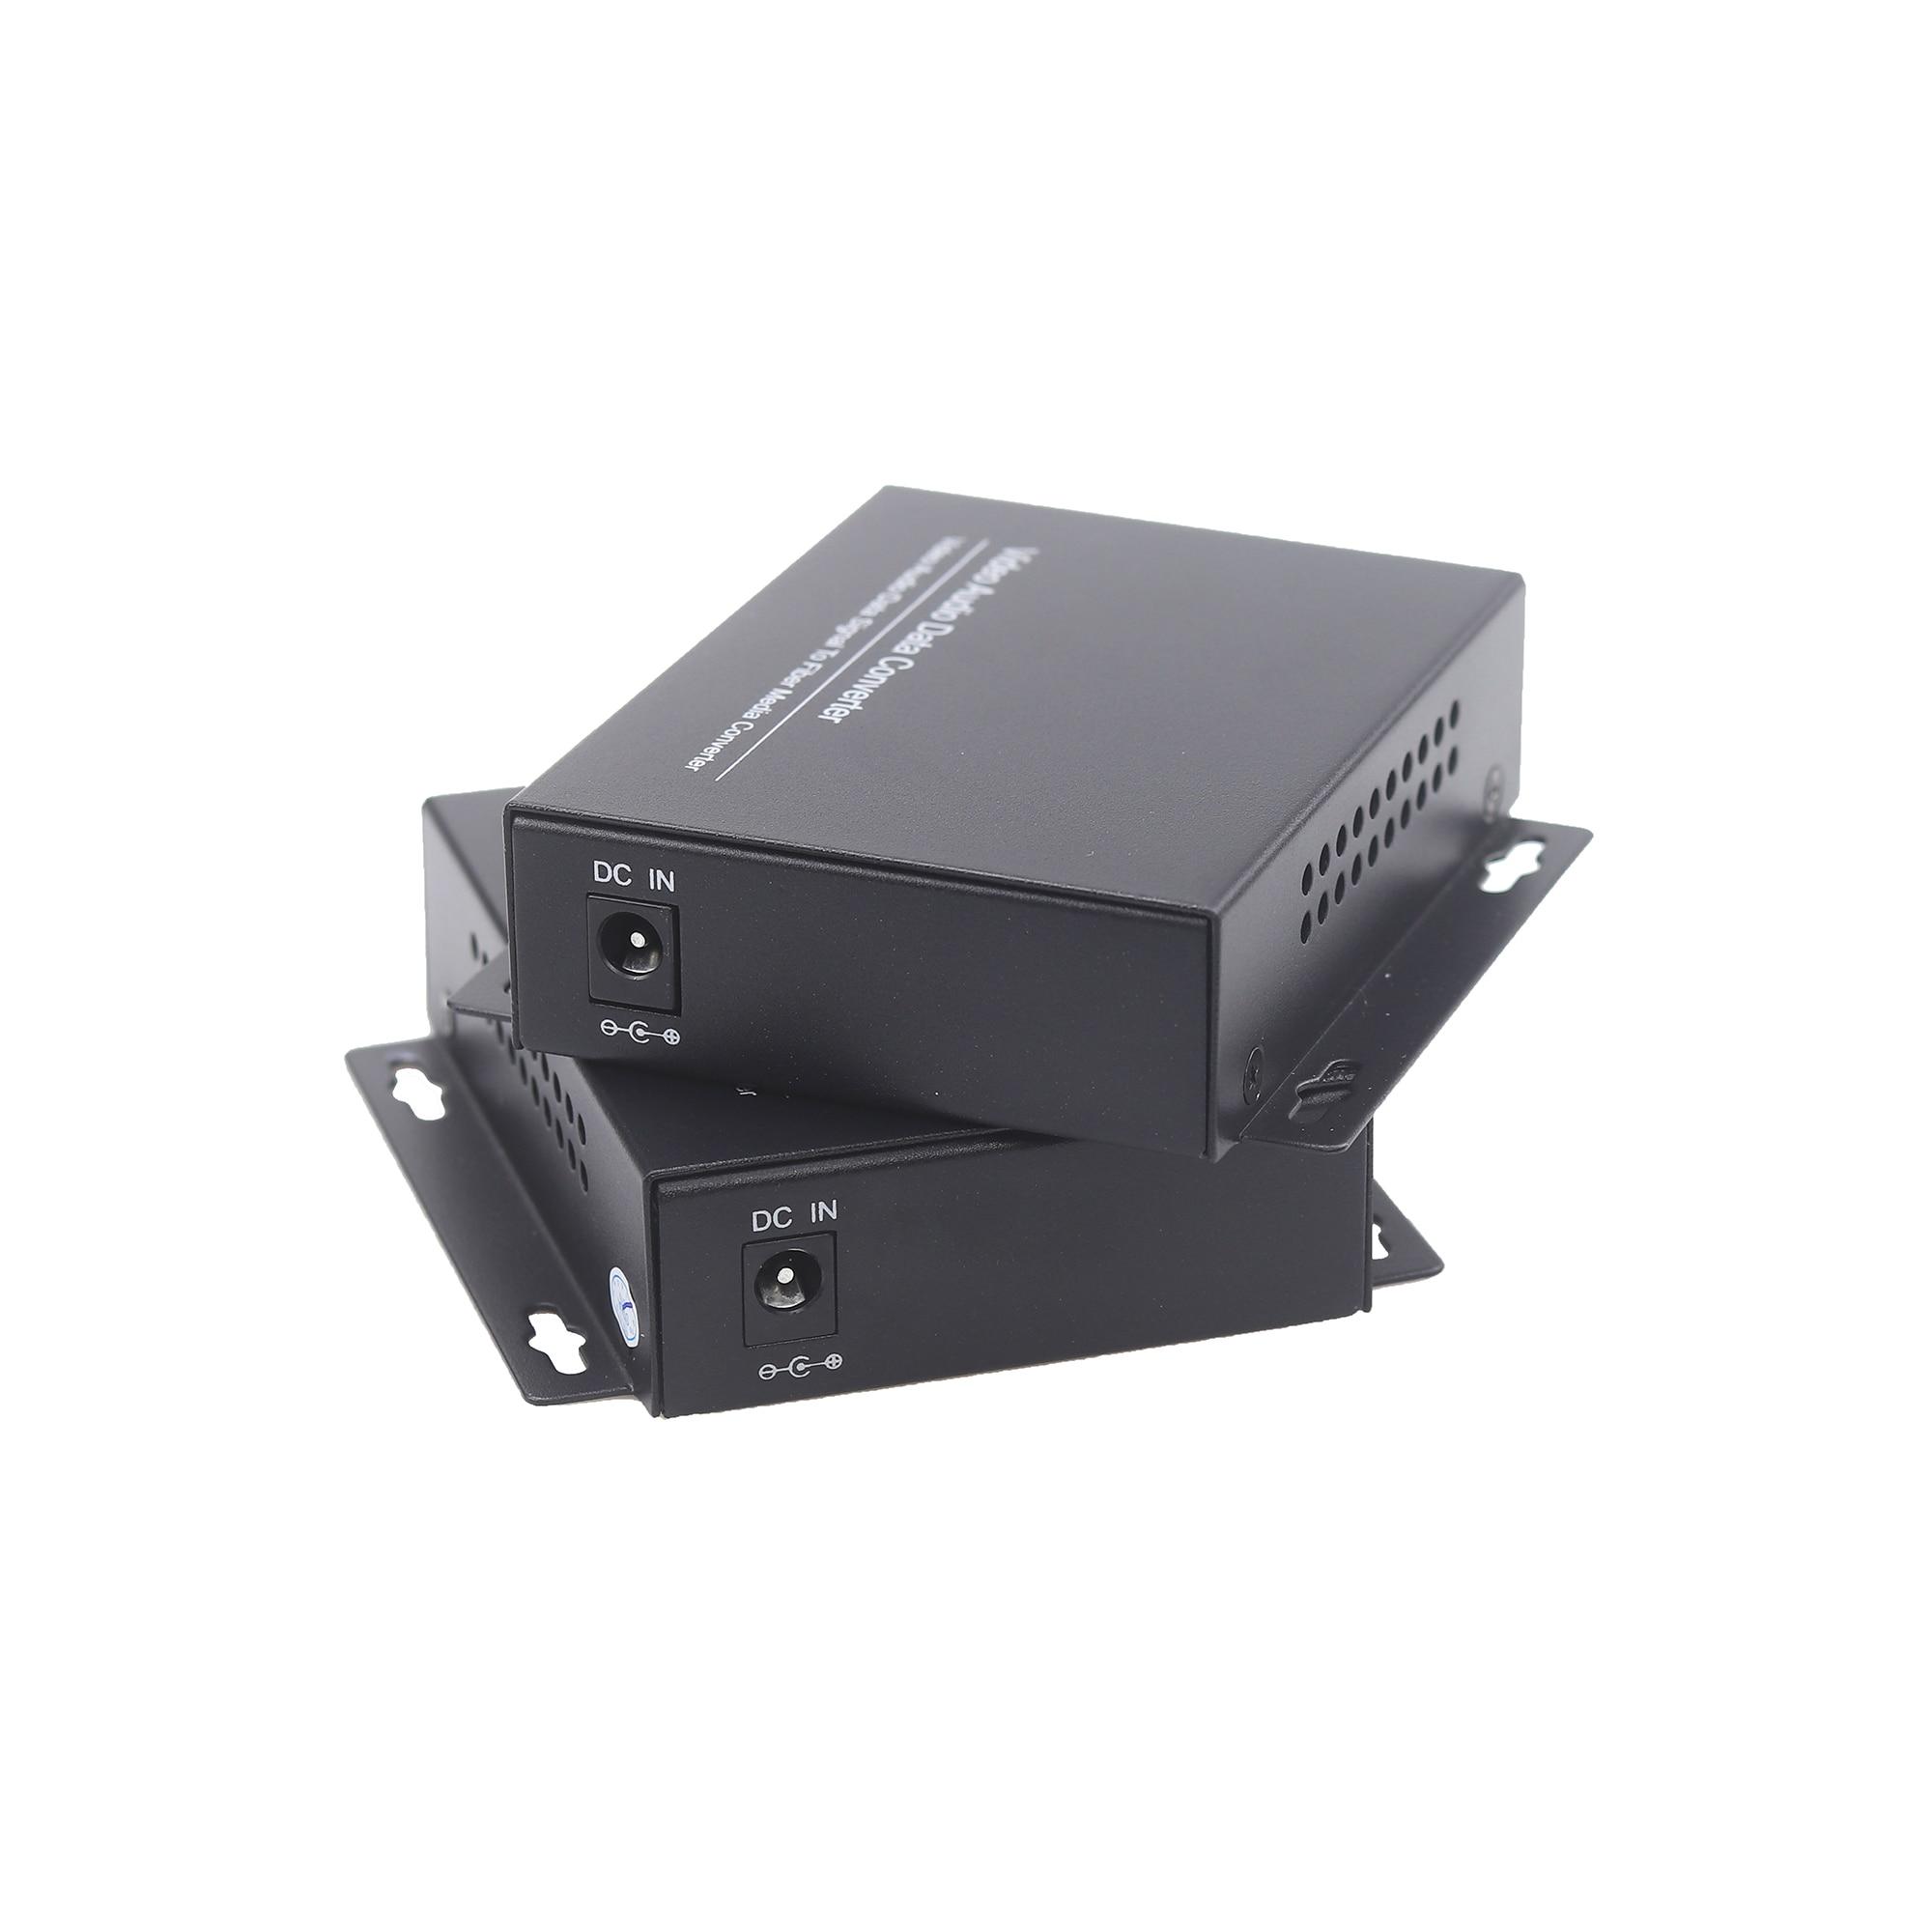 GZGMET 20Km 1 Kanal Video Extender Singlemode LWL Medienkonverter - Schutz und Sicherheit - Foto 4